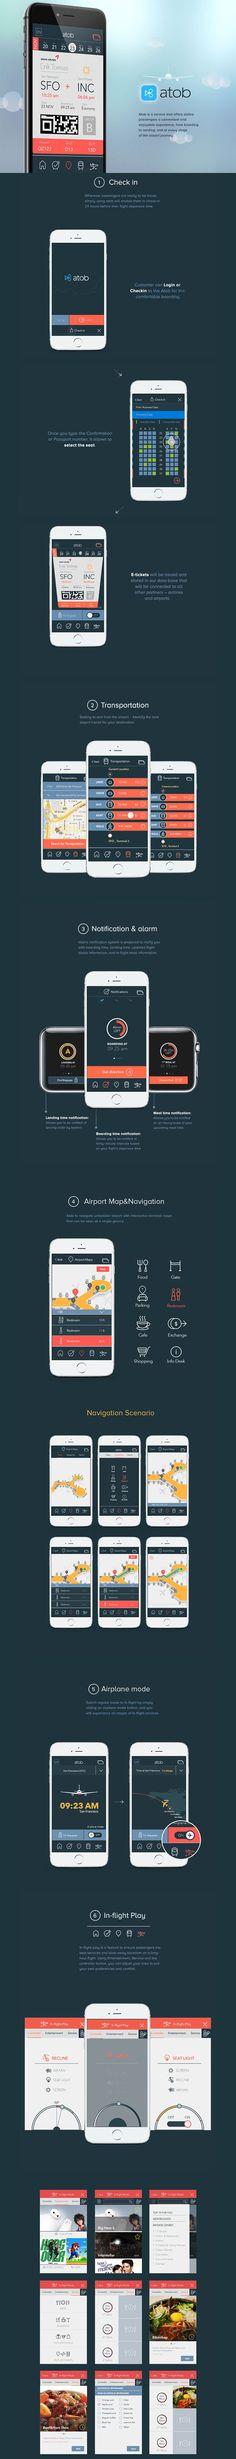 Atob Airline Service App Iphone App Design